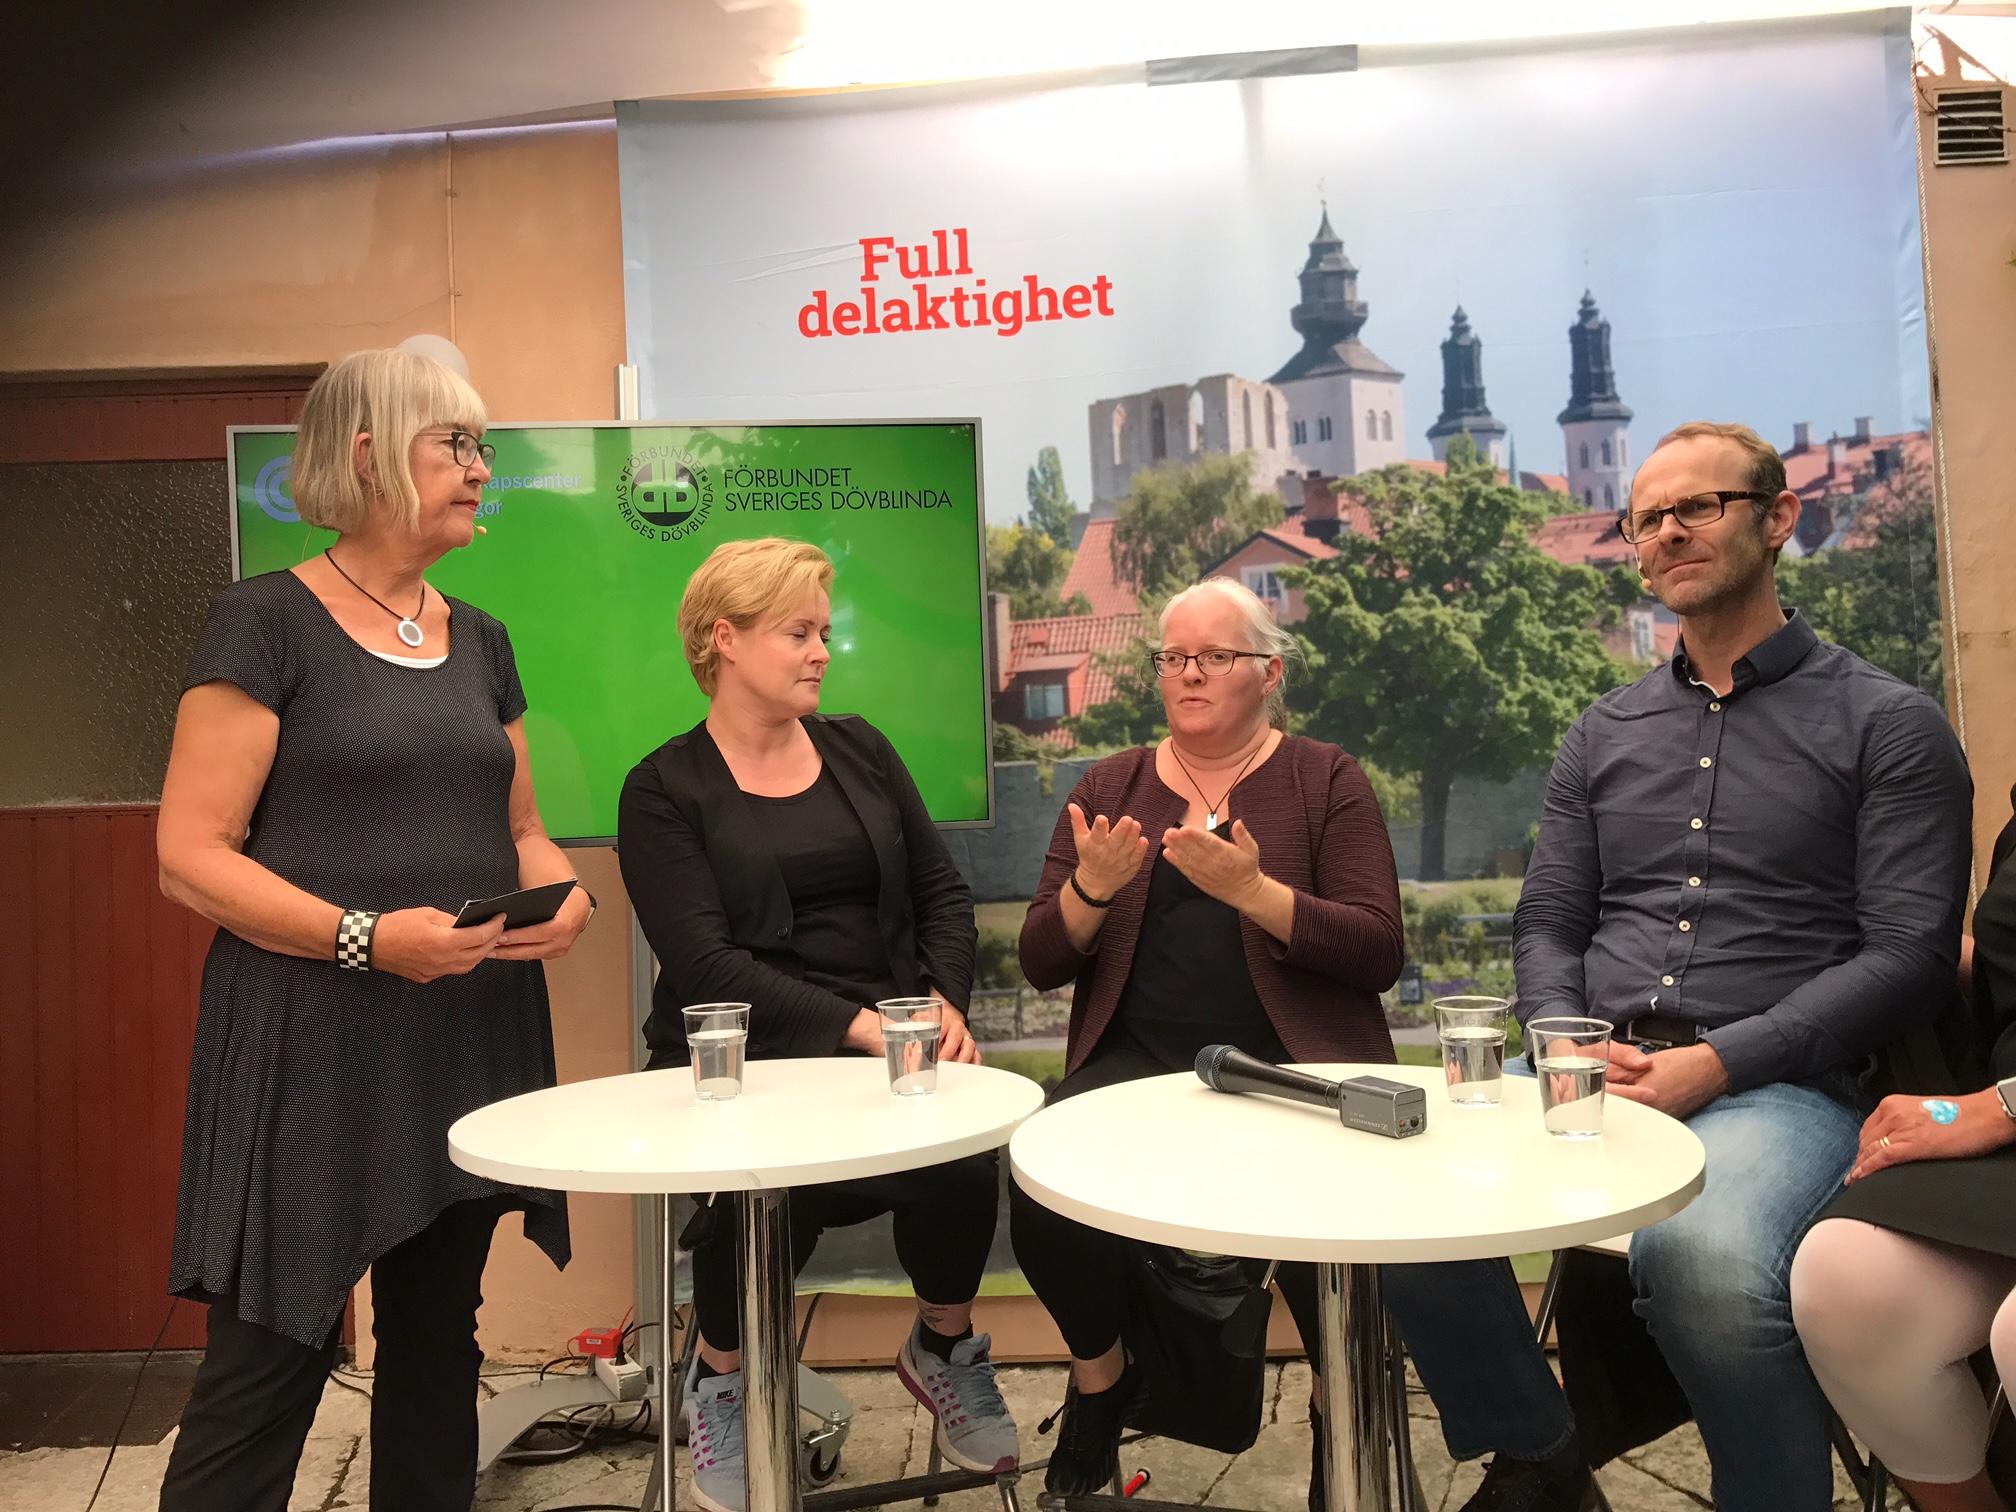 Liindas tolk MM, Linda och Klas Nelfelt sitter vid vita bord på scenen i Almedalen. Anne står upp.